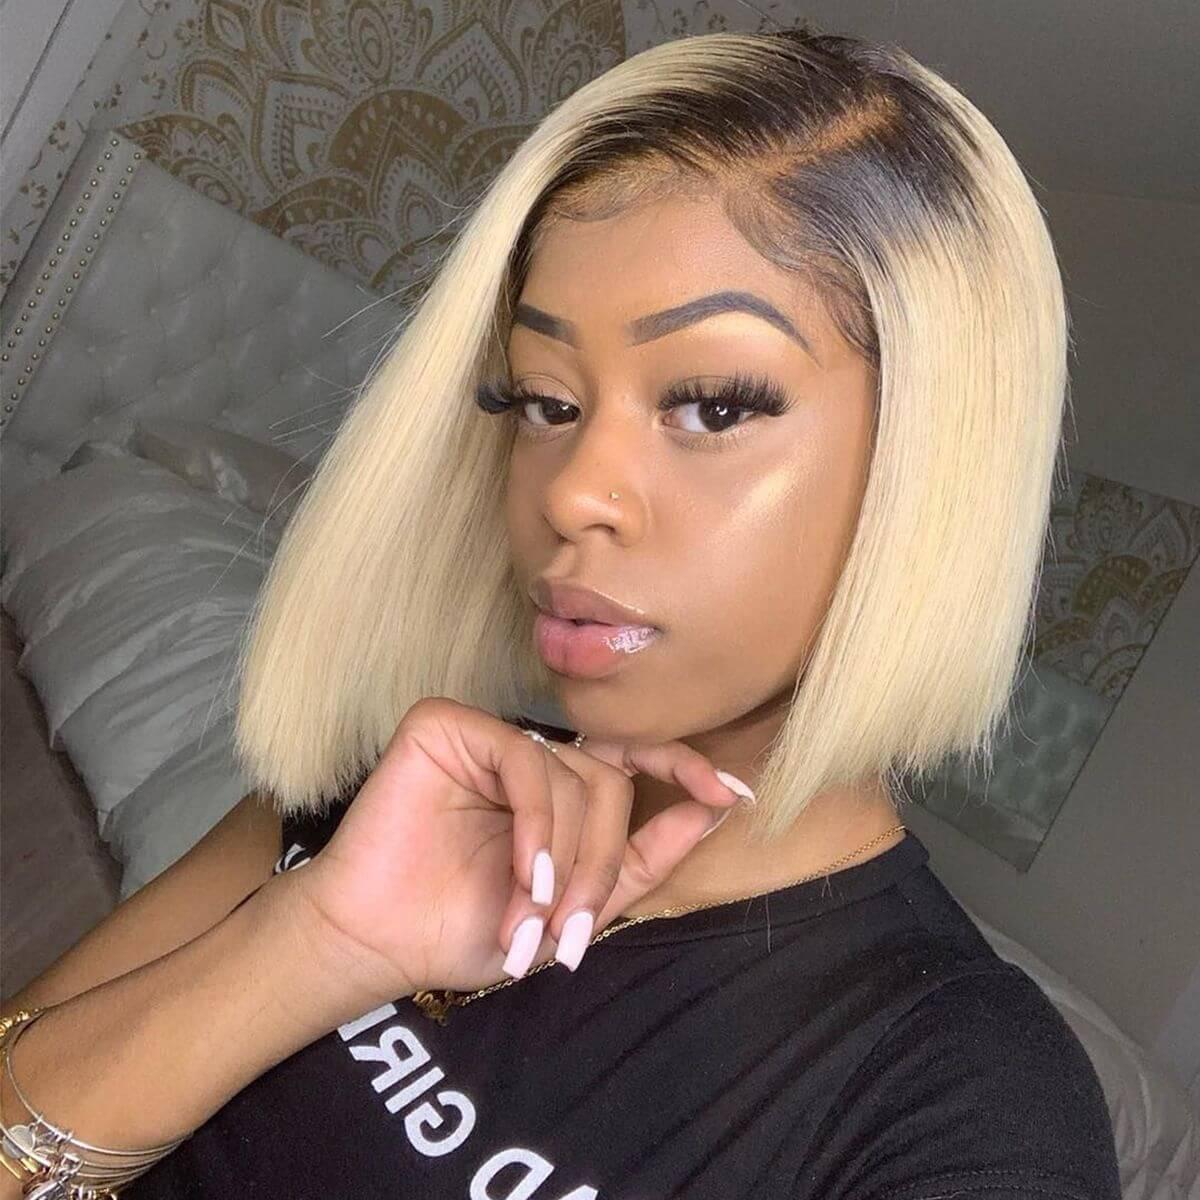 1b 613 straight bob front wig,1b 613 straight short bob wig,ombre blonde straight bob wig,shor bob wig 1b 613 straight,1b blonde color wig,straight bob wig 1b blonde